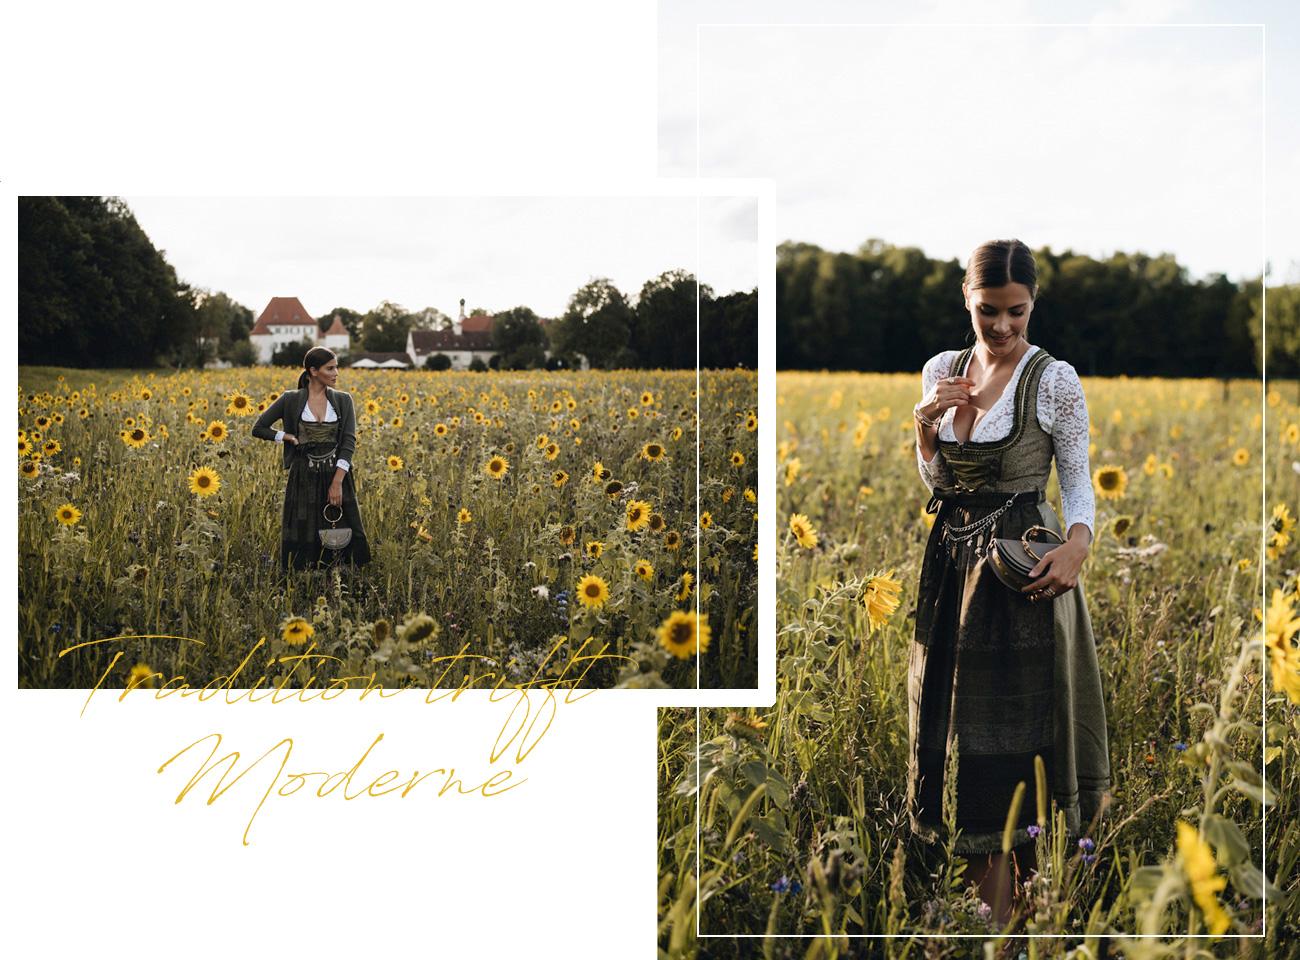 Sonnenblumen-feld-wiese-in-münchen-sommerzeit-fashiioncarpet